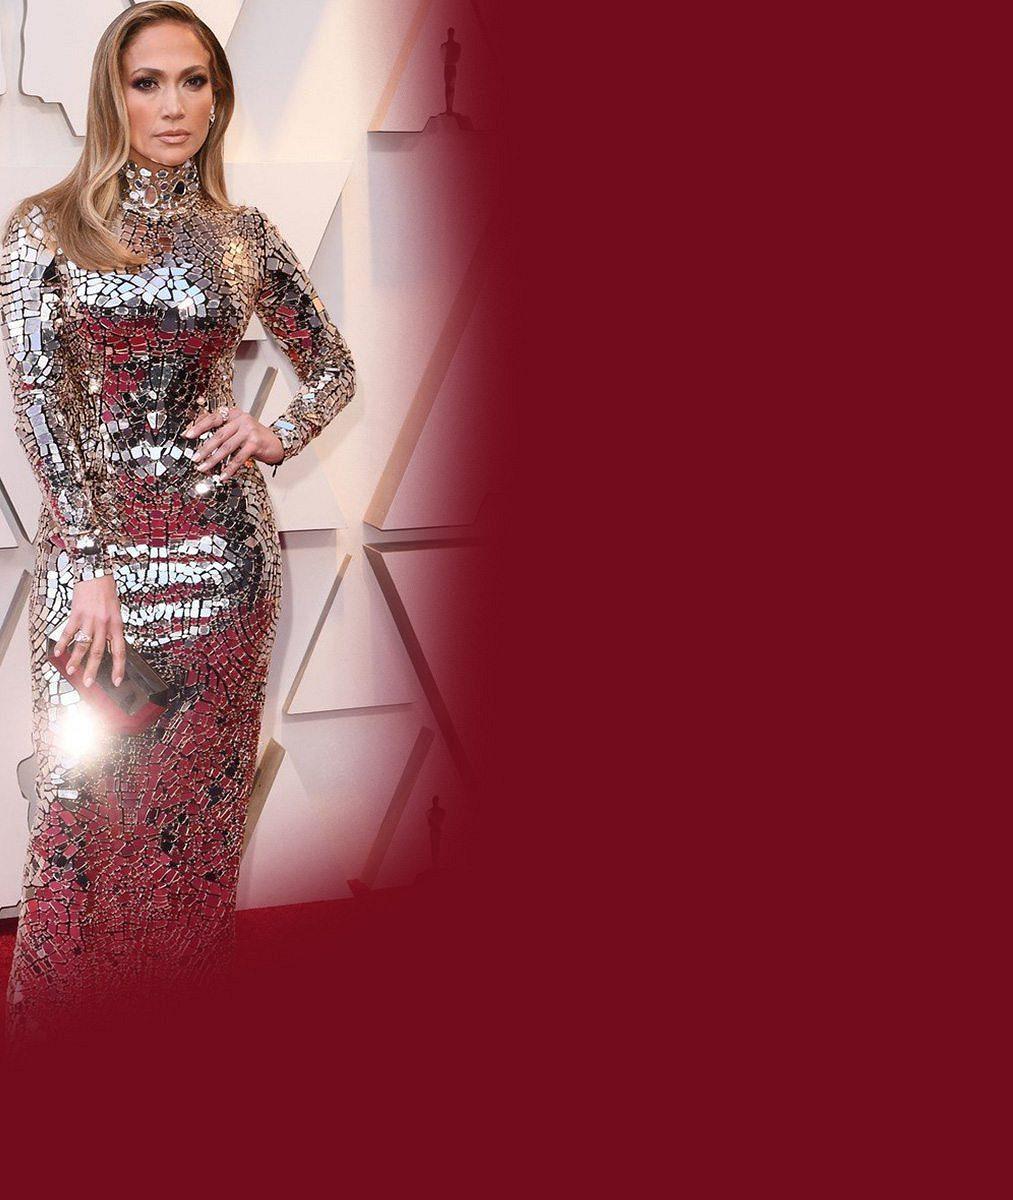 Takovou romantiku nezažila ani ve filmu: Zasnoubená Jennifer Lopez zveřejnila fotky ze dne, kdy se jí splnil sen